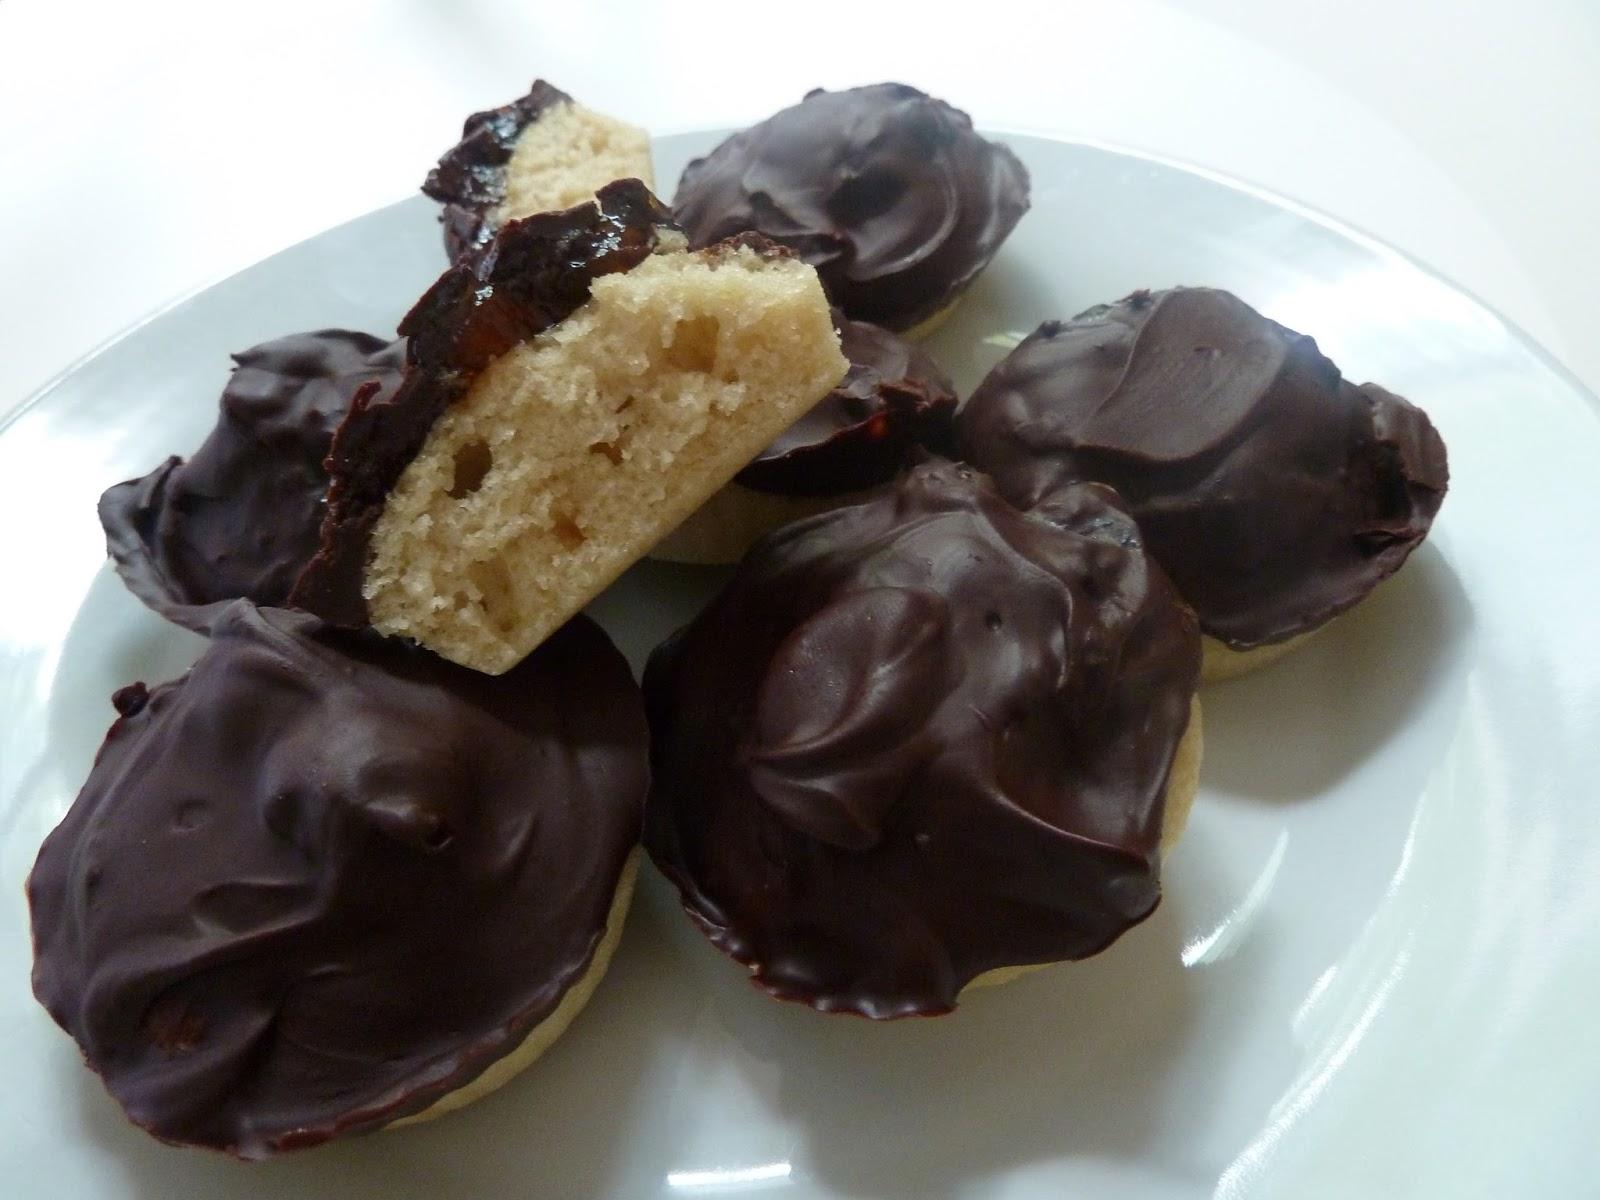 Jaffa Cakes Not Taxed